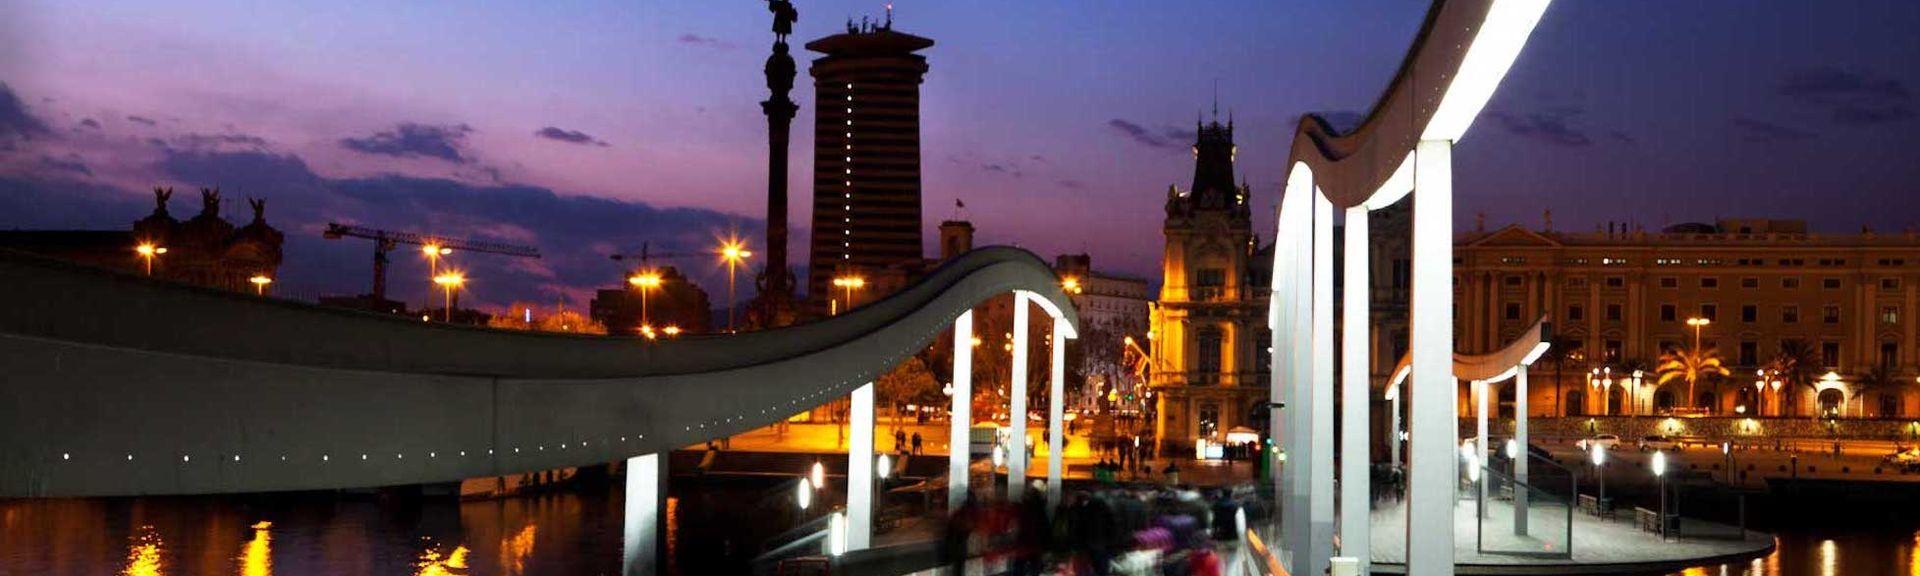 El Putxet i el Farró, Barcelona, Spain